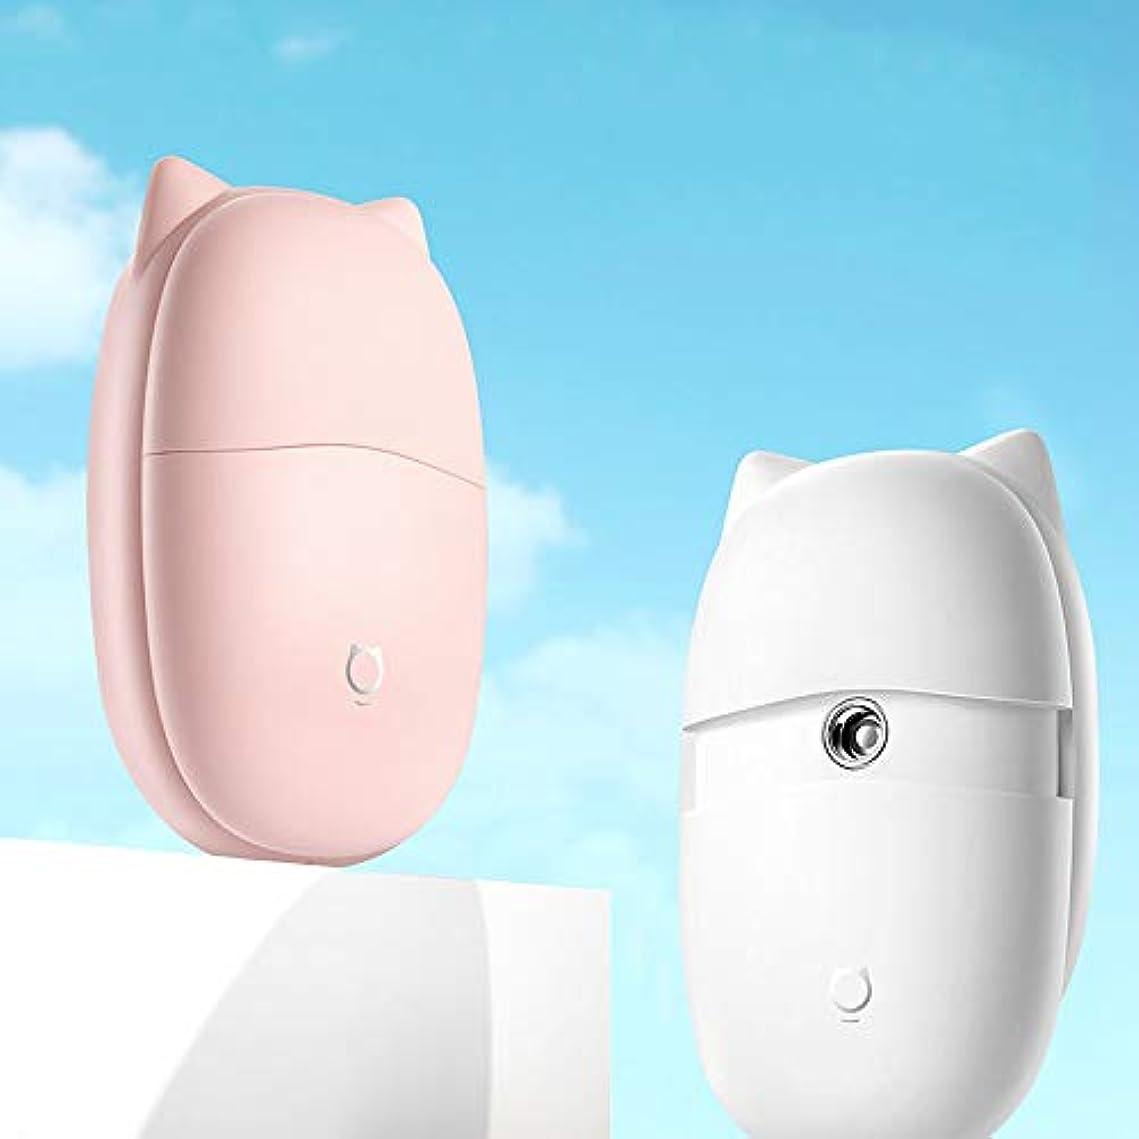 抽出酸大気ZXF 新しいミニハンドヘルドポータブルナノスプレースチームフェイスフェイシャル美容加湿器スプレーウサギ猫水道メーター美容機器ホワイトピンク 滑らかである (色 : Pink)